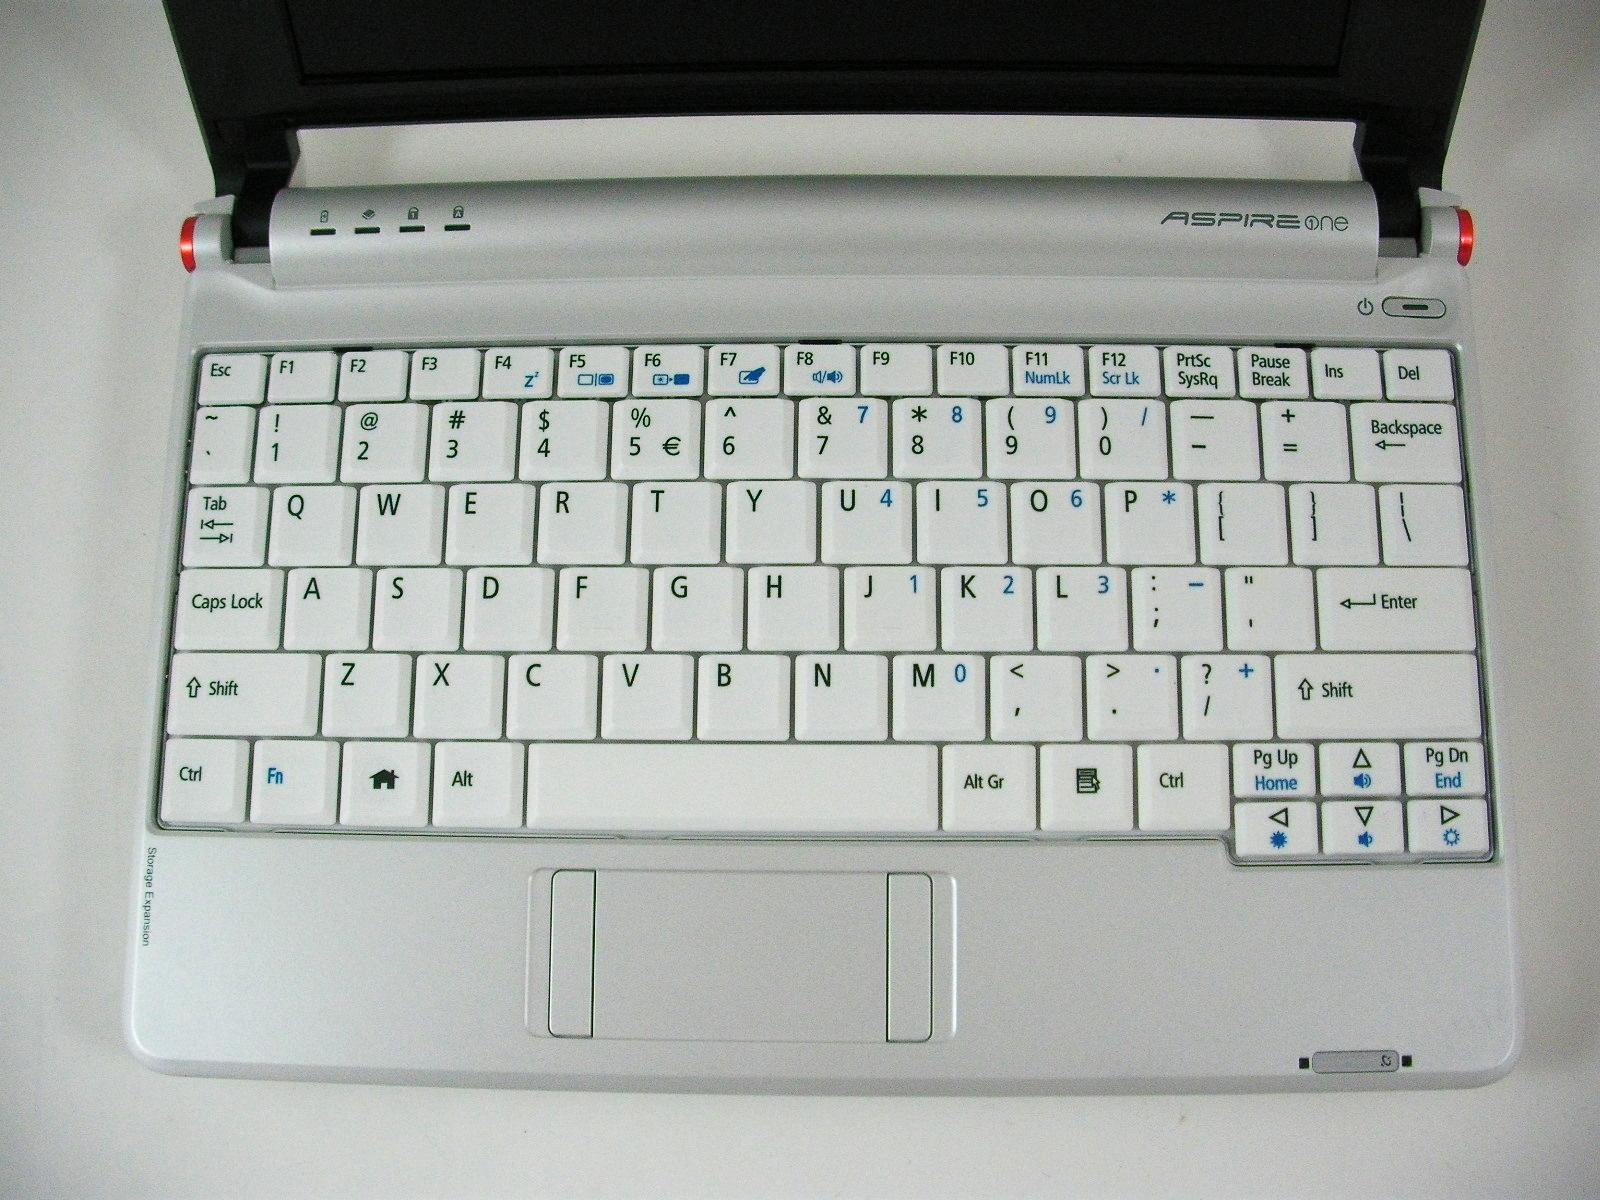 Kumpulan Gambar Sketsa Keyboard Laptop Aliransket